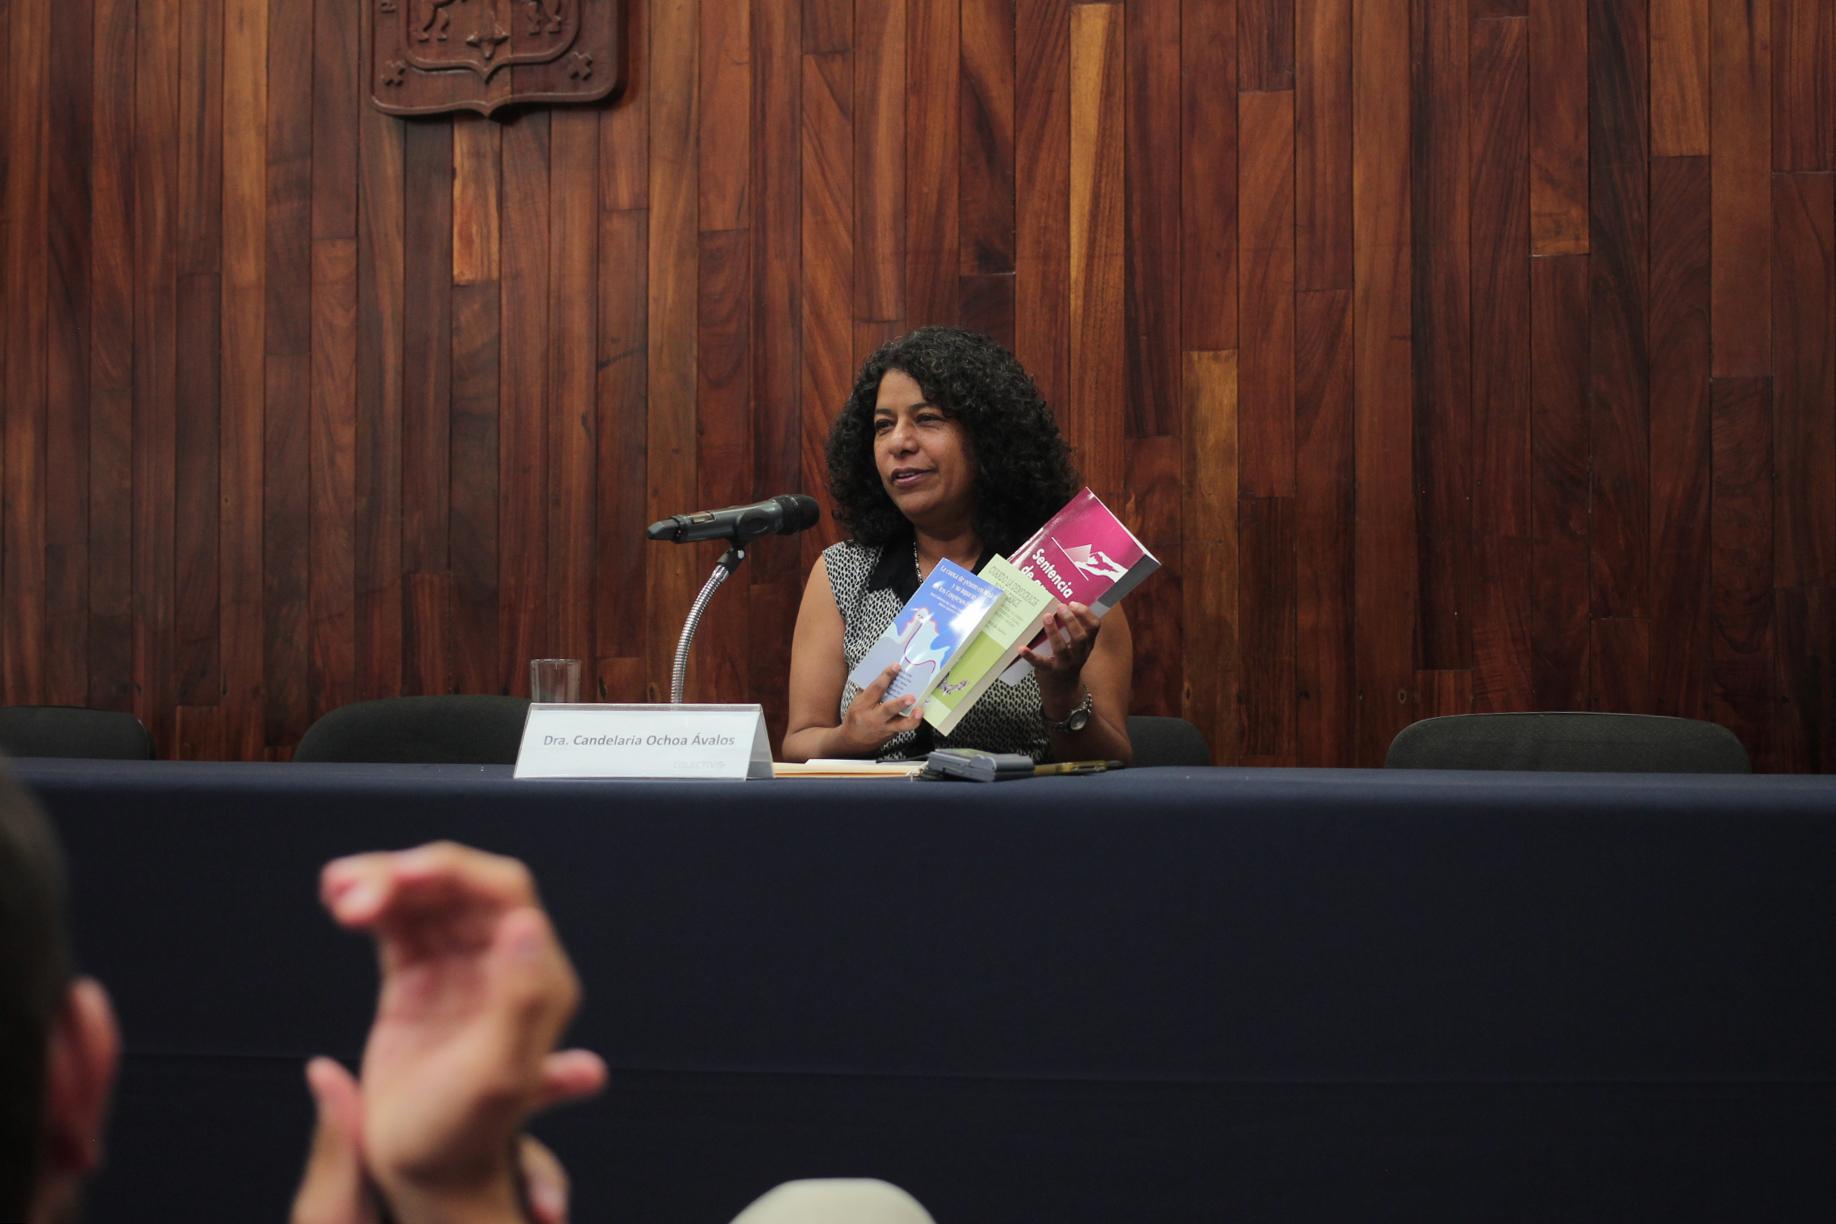 CONFERENCIA DE PARIDAD DE GÉNERO EN LA POLÍTICA,  FUE IMPARTIDA EN EL CUCSH